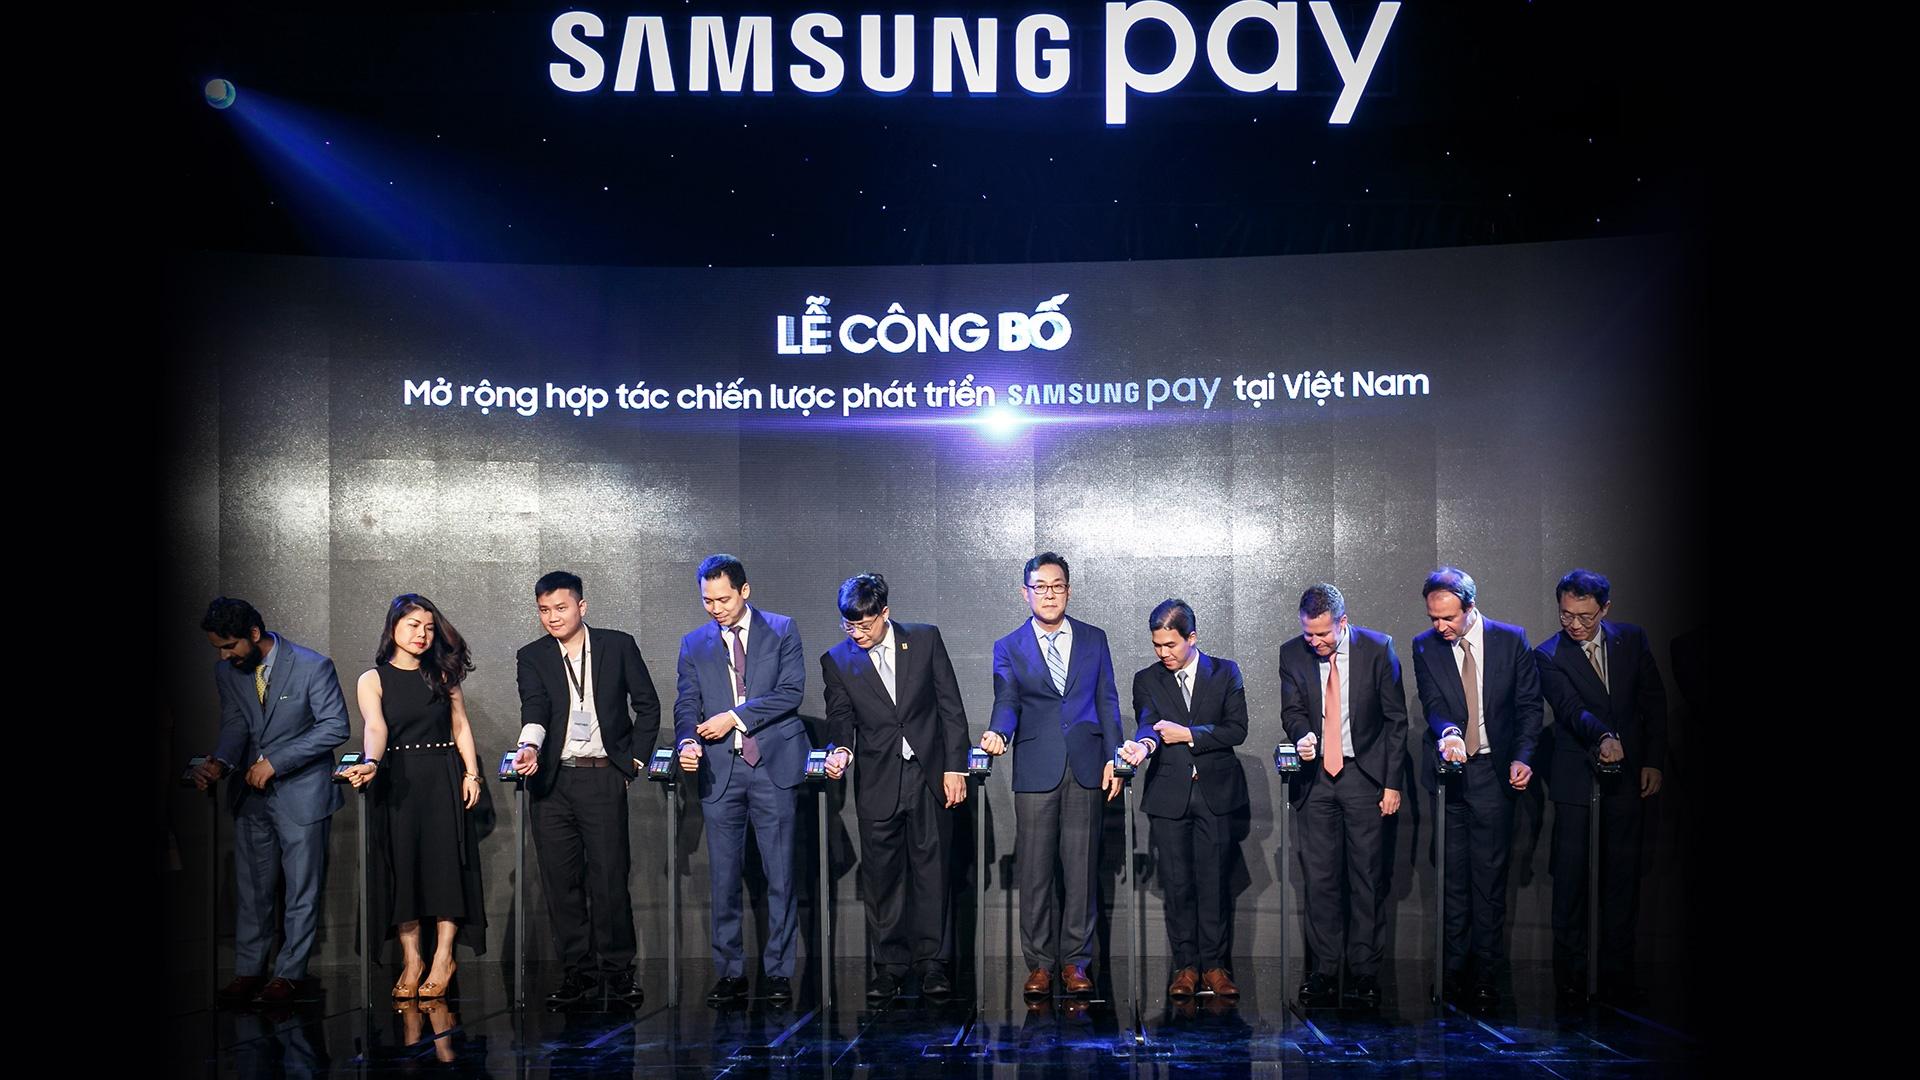 Samsung Pay va nuoc co tien phong thanh toan di dong 'khong tien mat' hinh anh 10